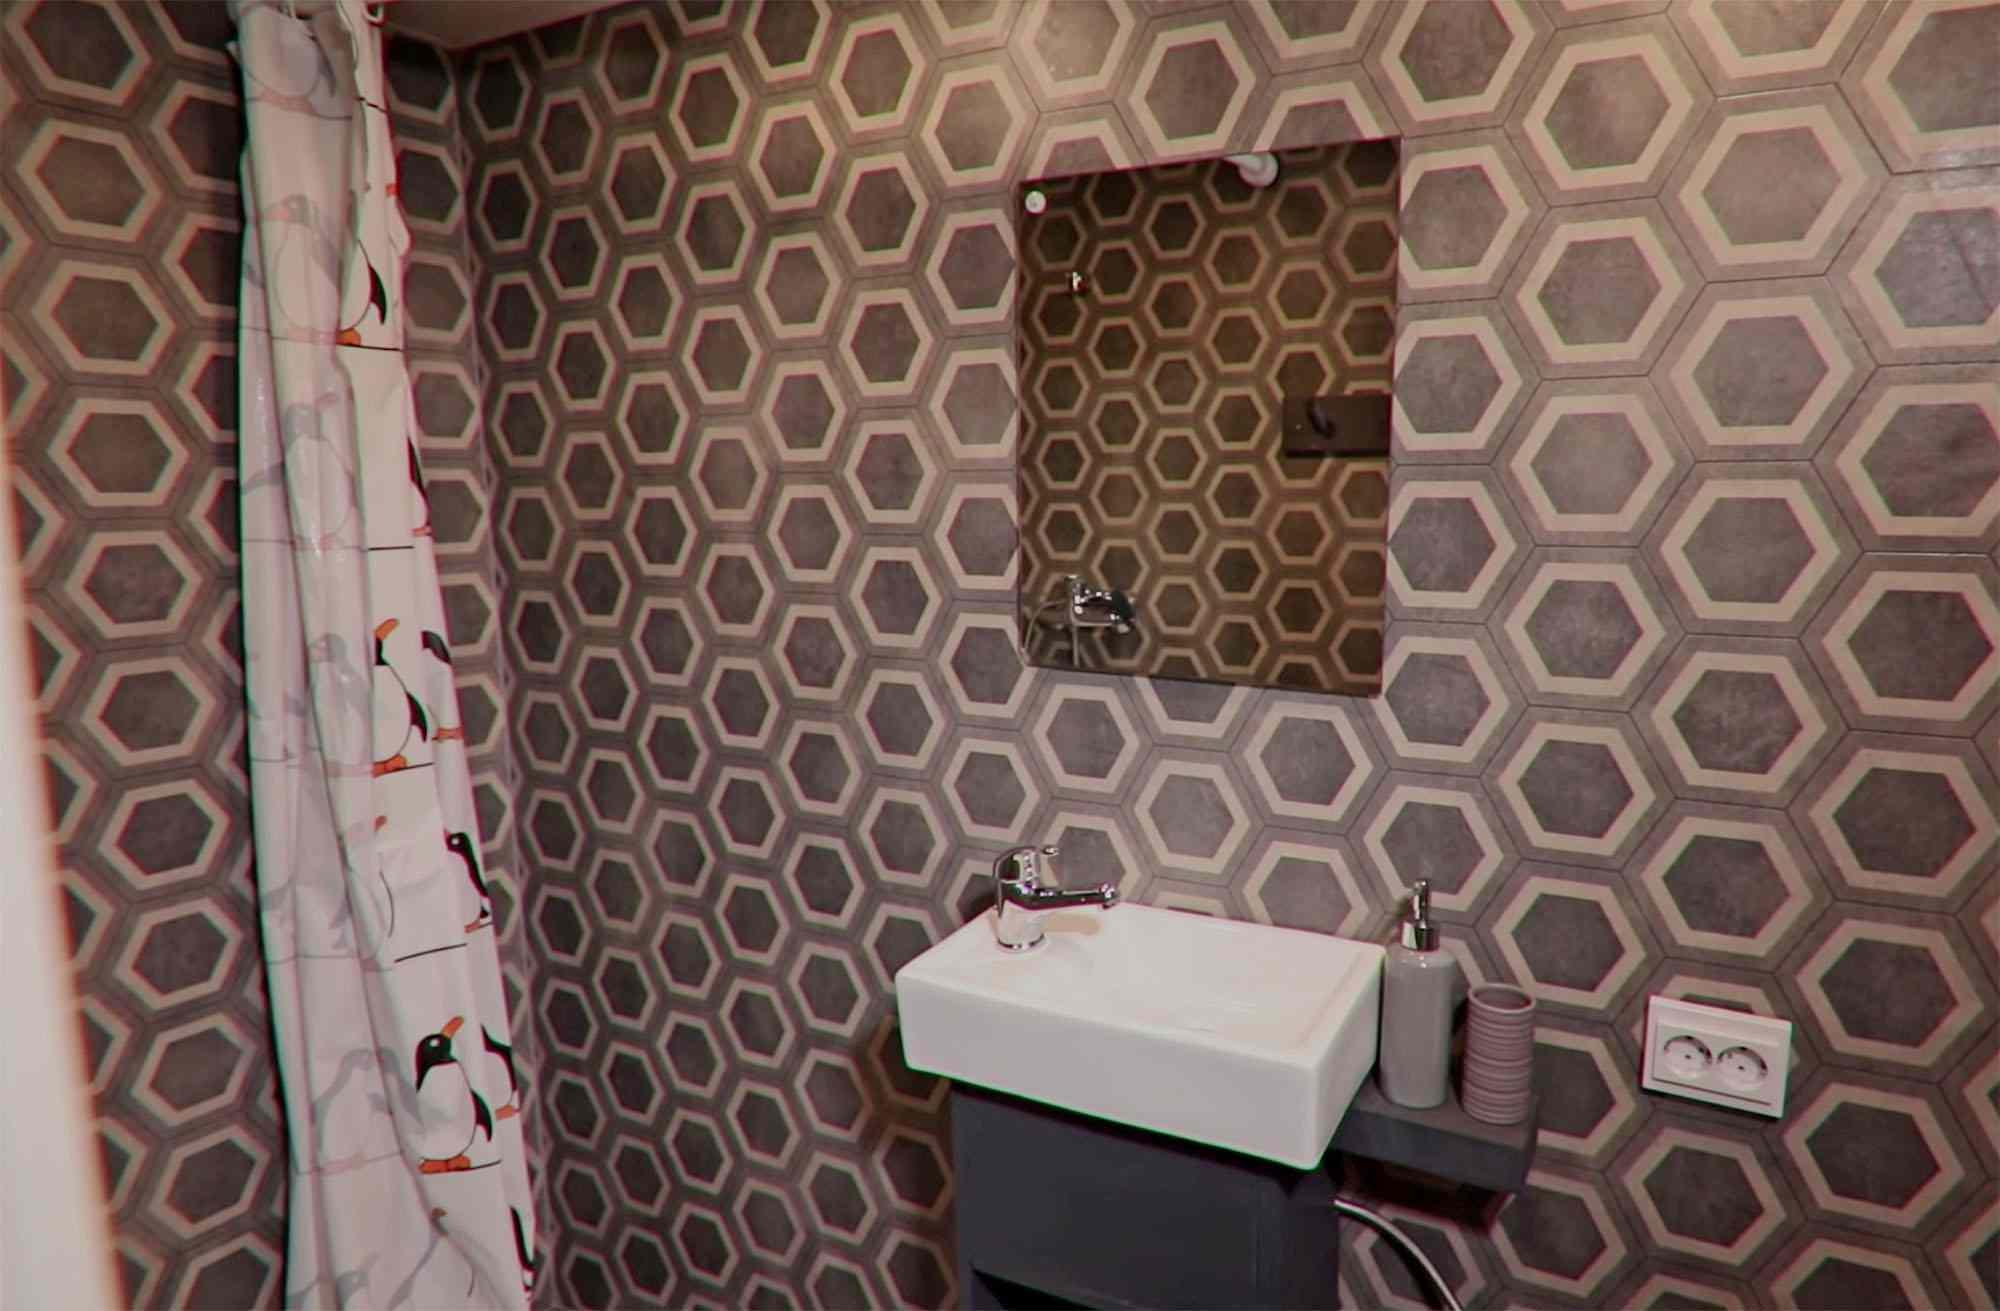 tiny village latvia bathroom